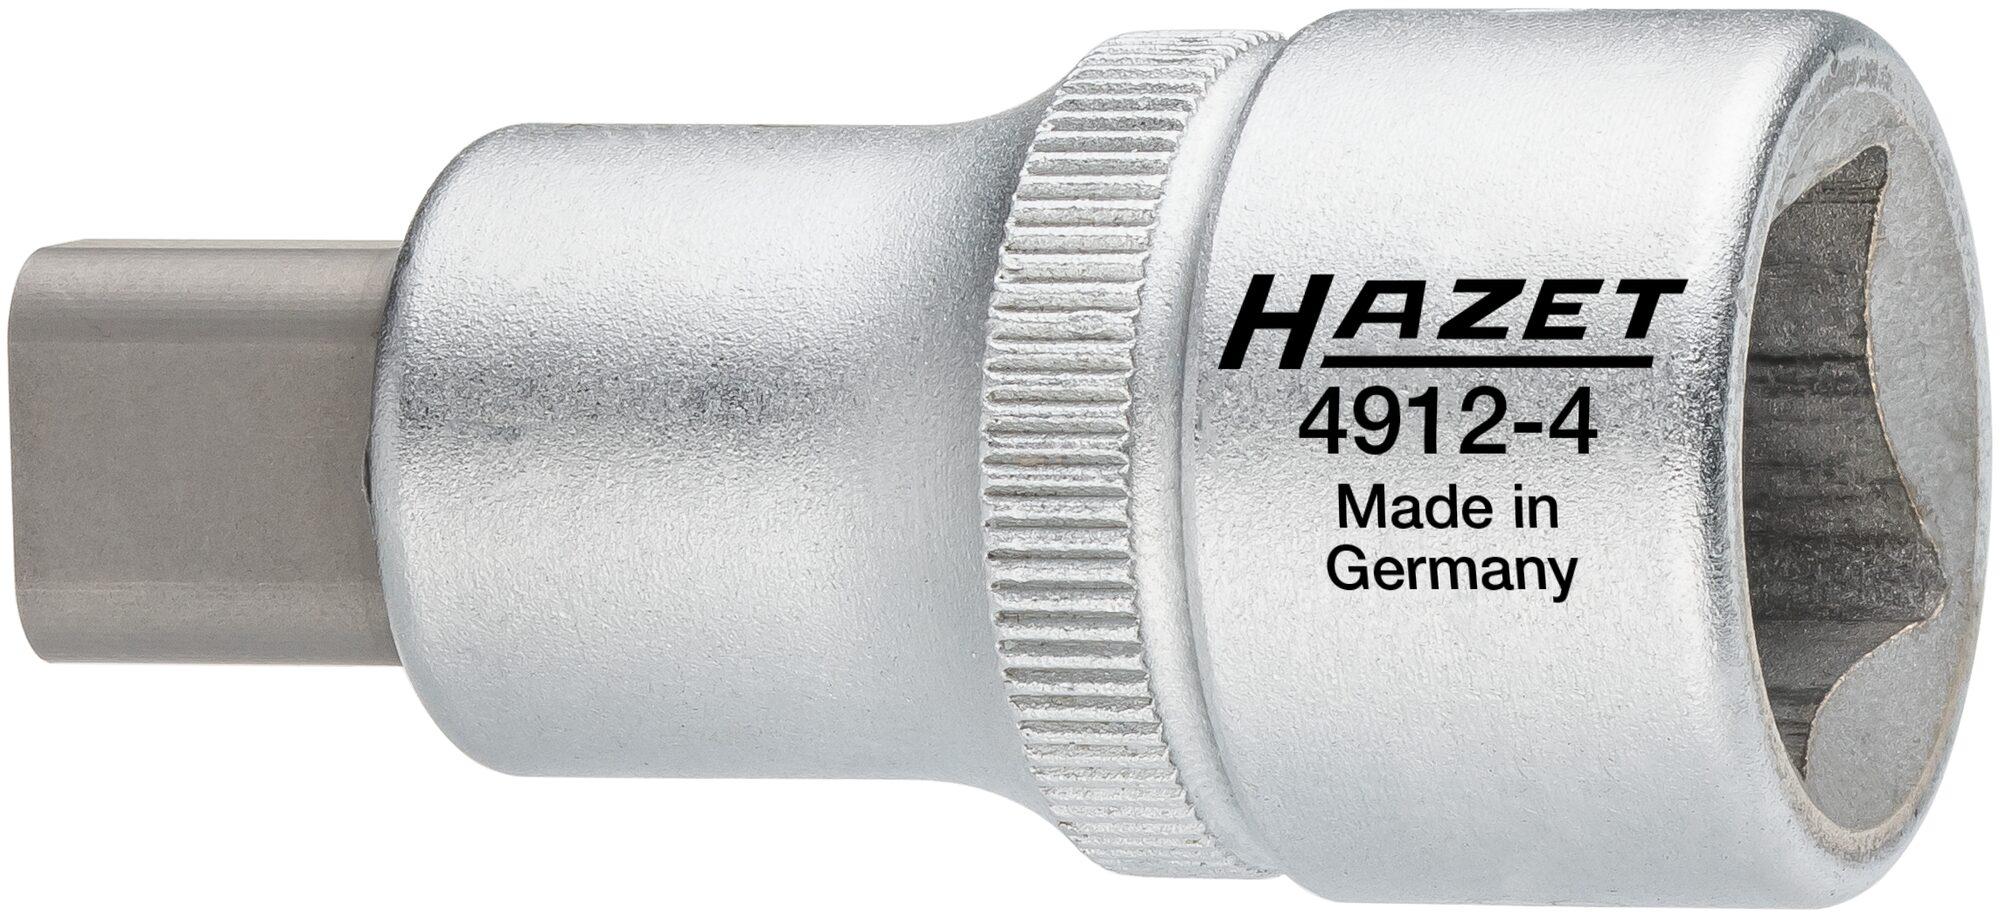 HAZET Radlagergehäuse-Spreizer 4912-4 ∙ Vierkant hohl 12,5 mm (1/2 Zoll) ∙ Zapfenprofil massiv